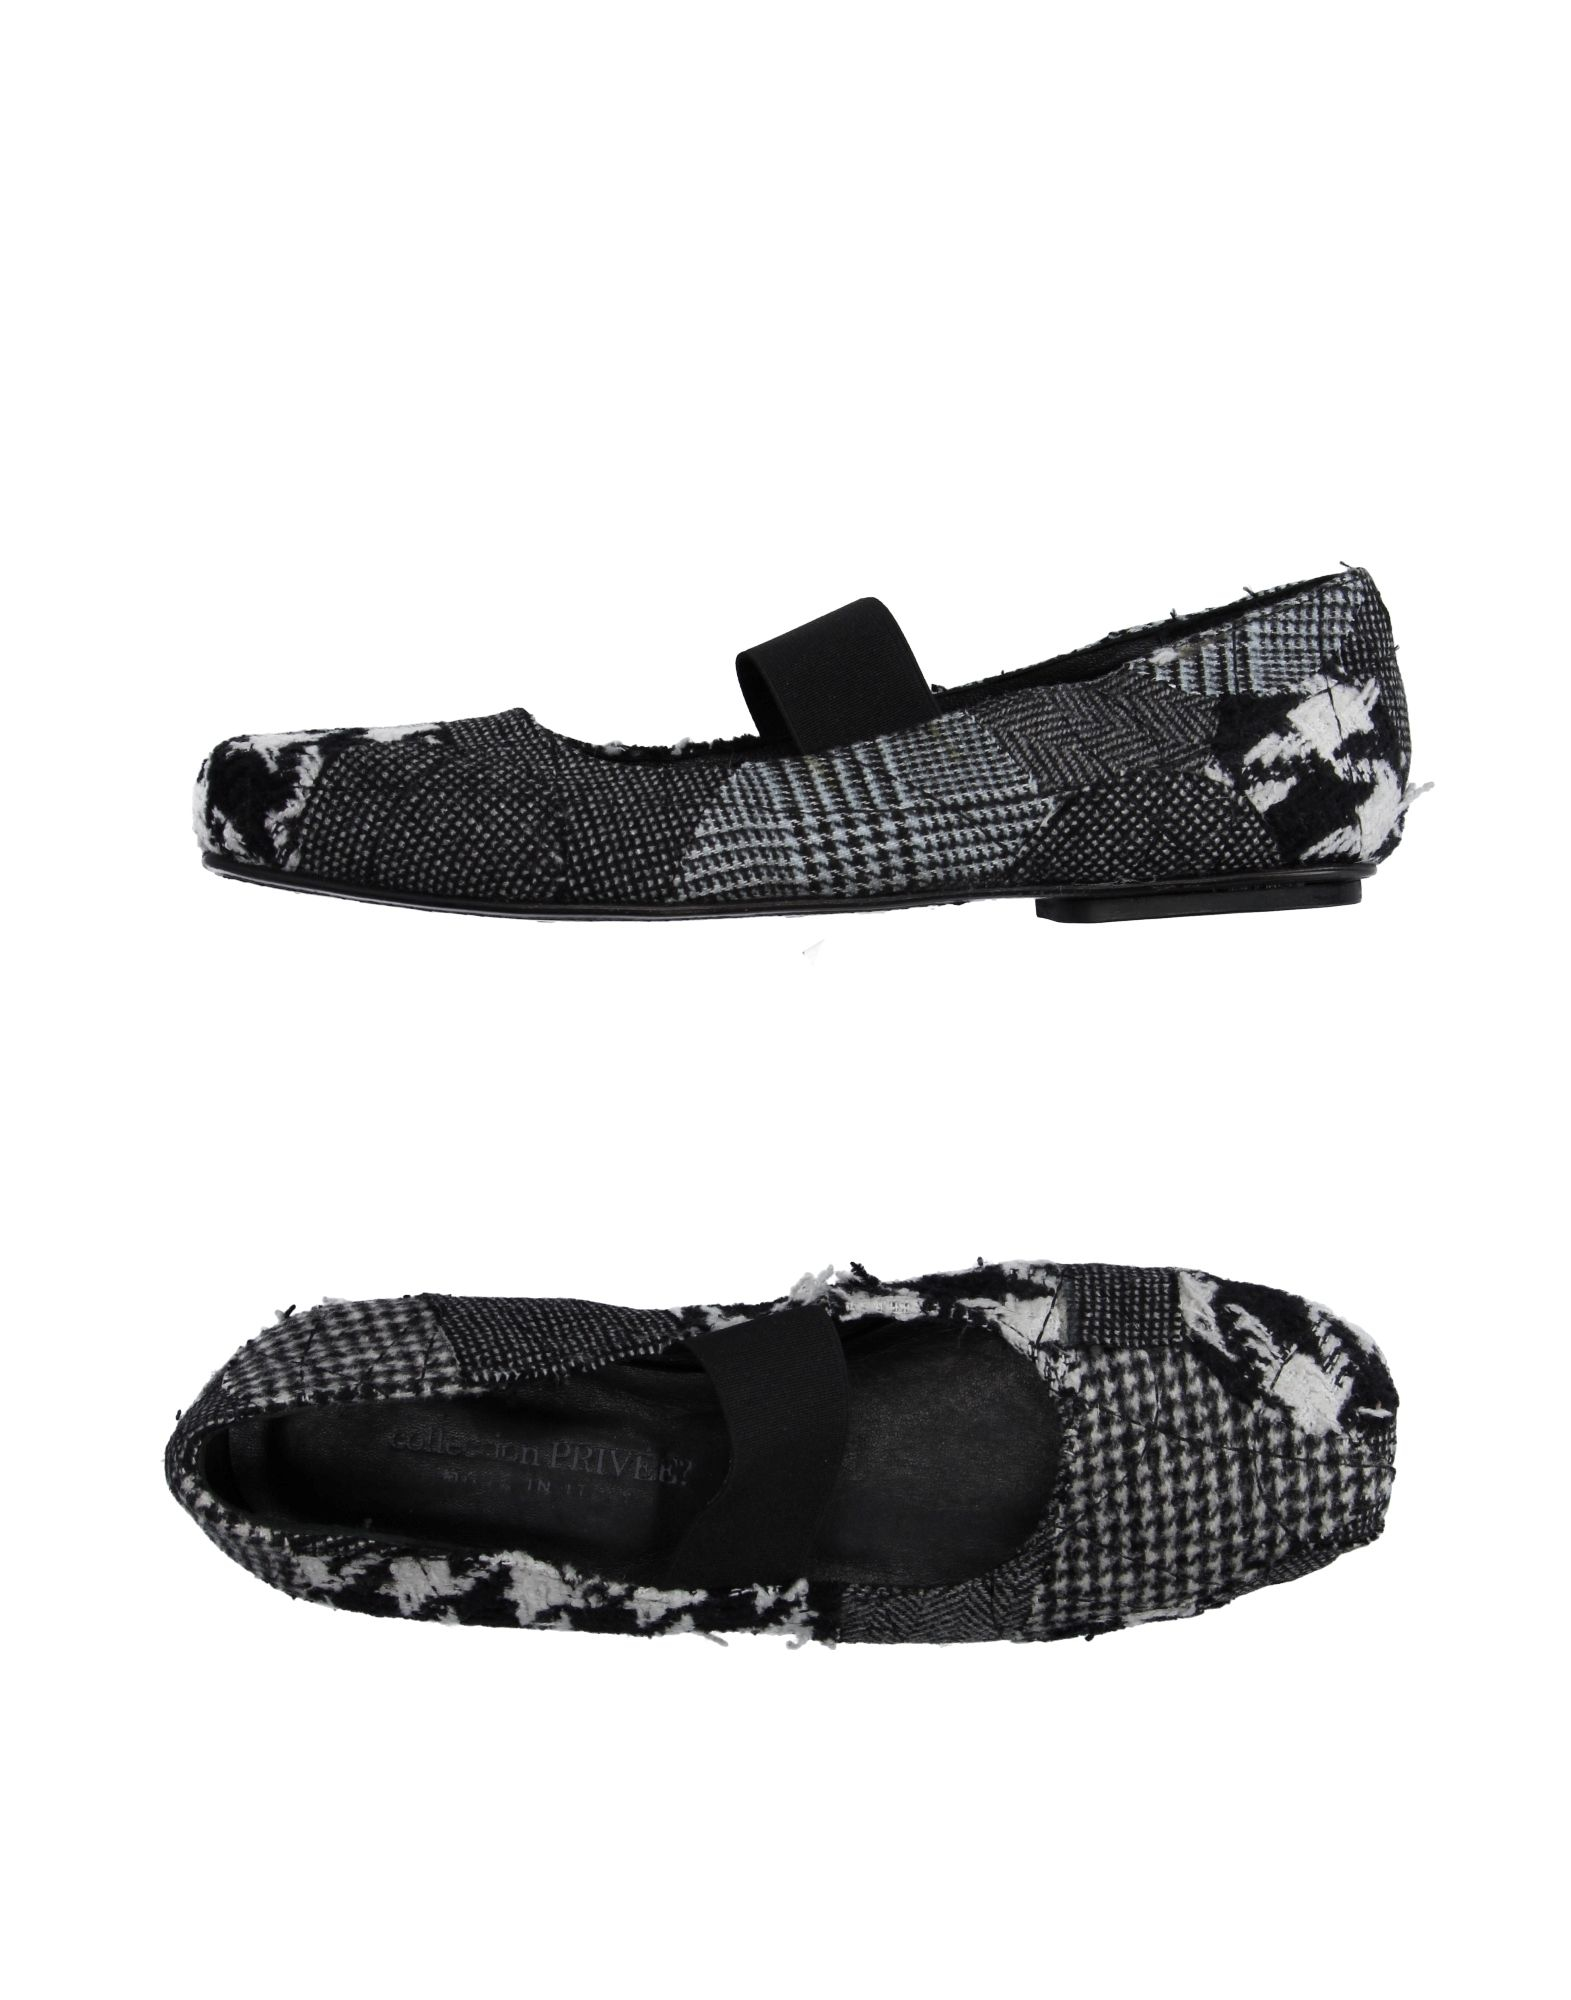 Maguba Shoes Uk